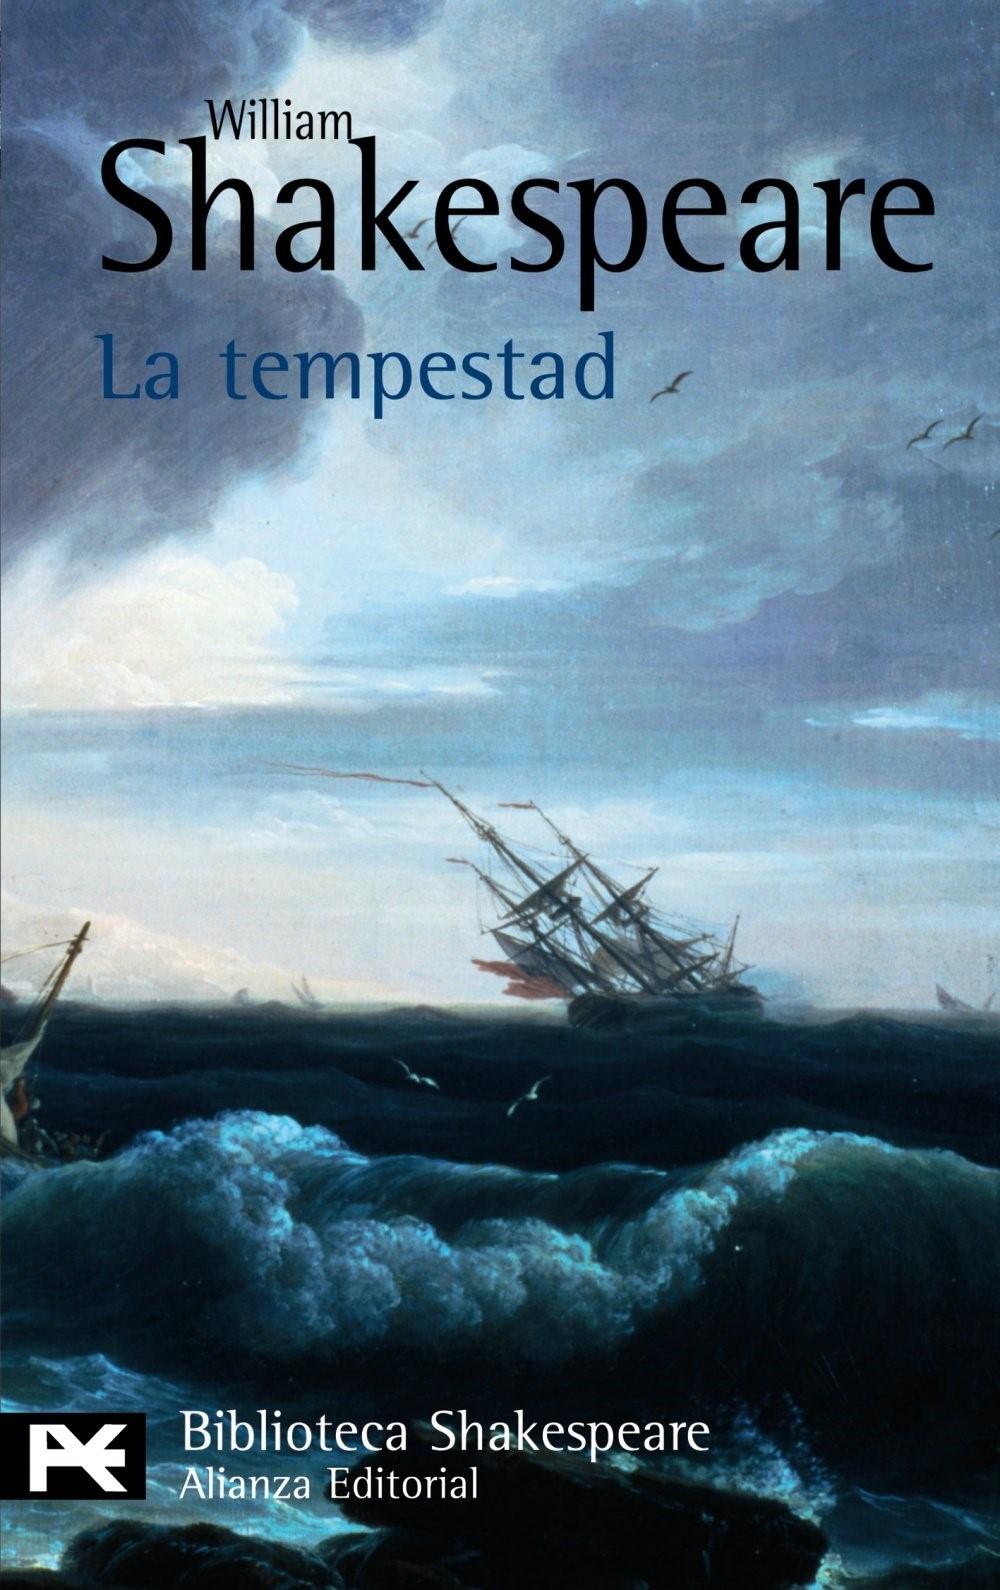 William Shakespeare – La tempestad